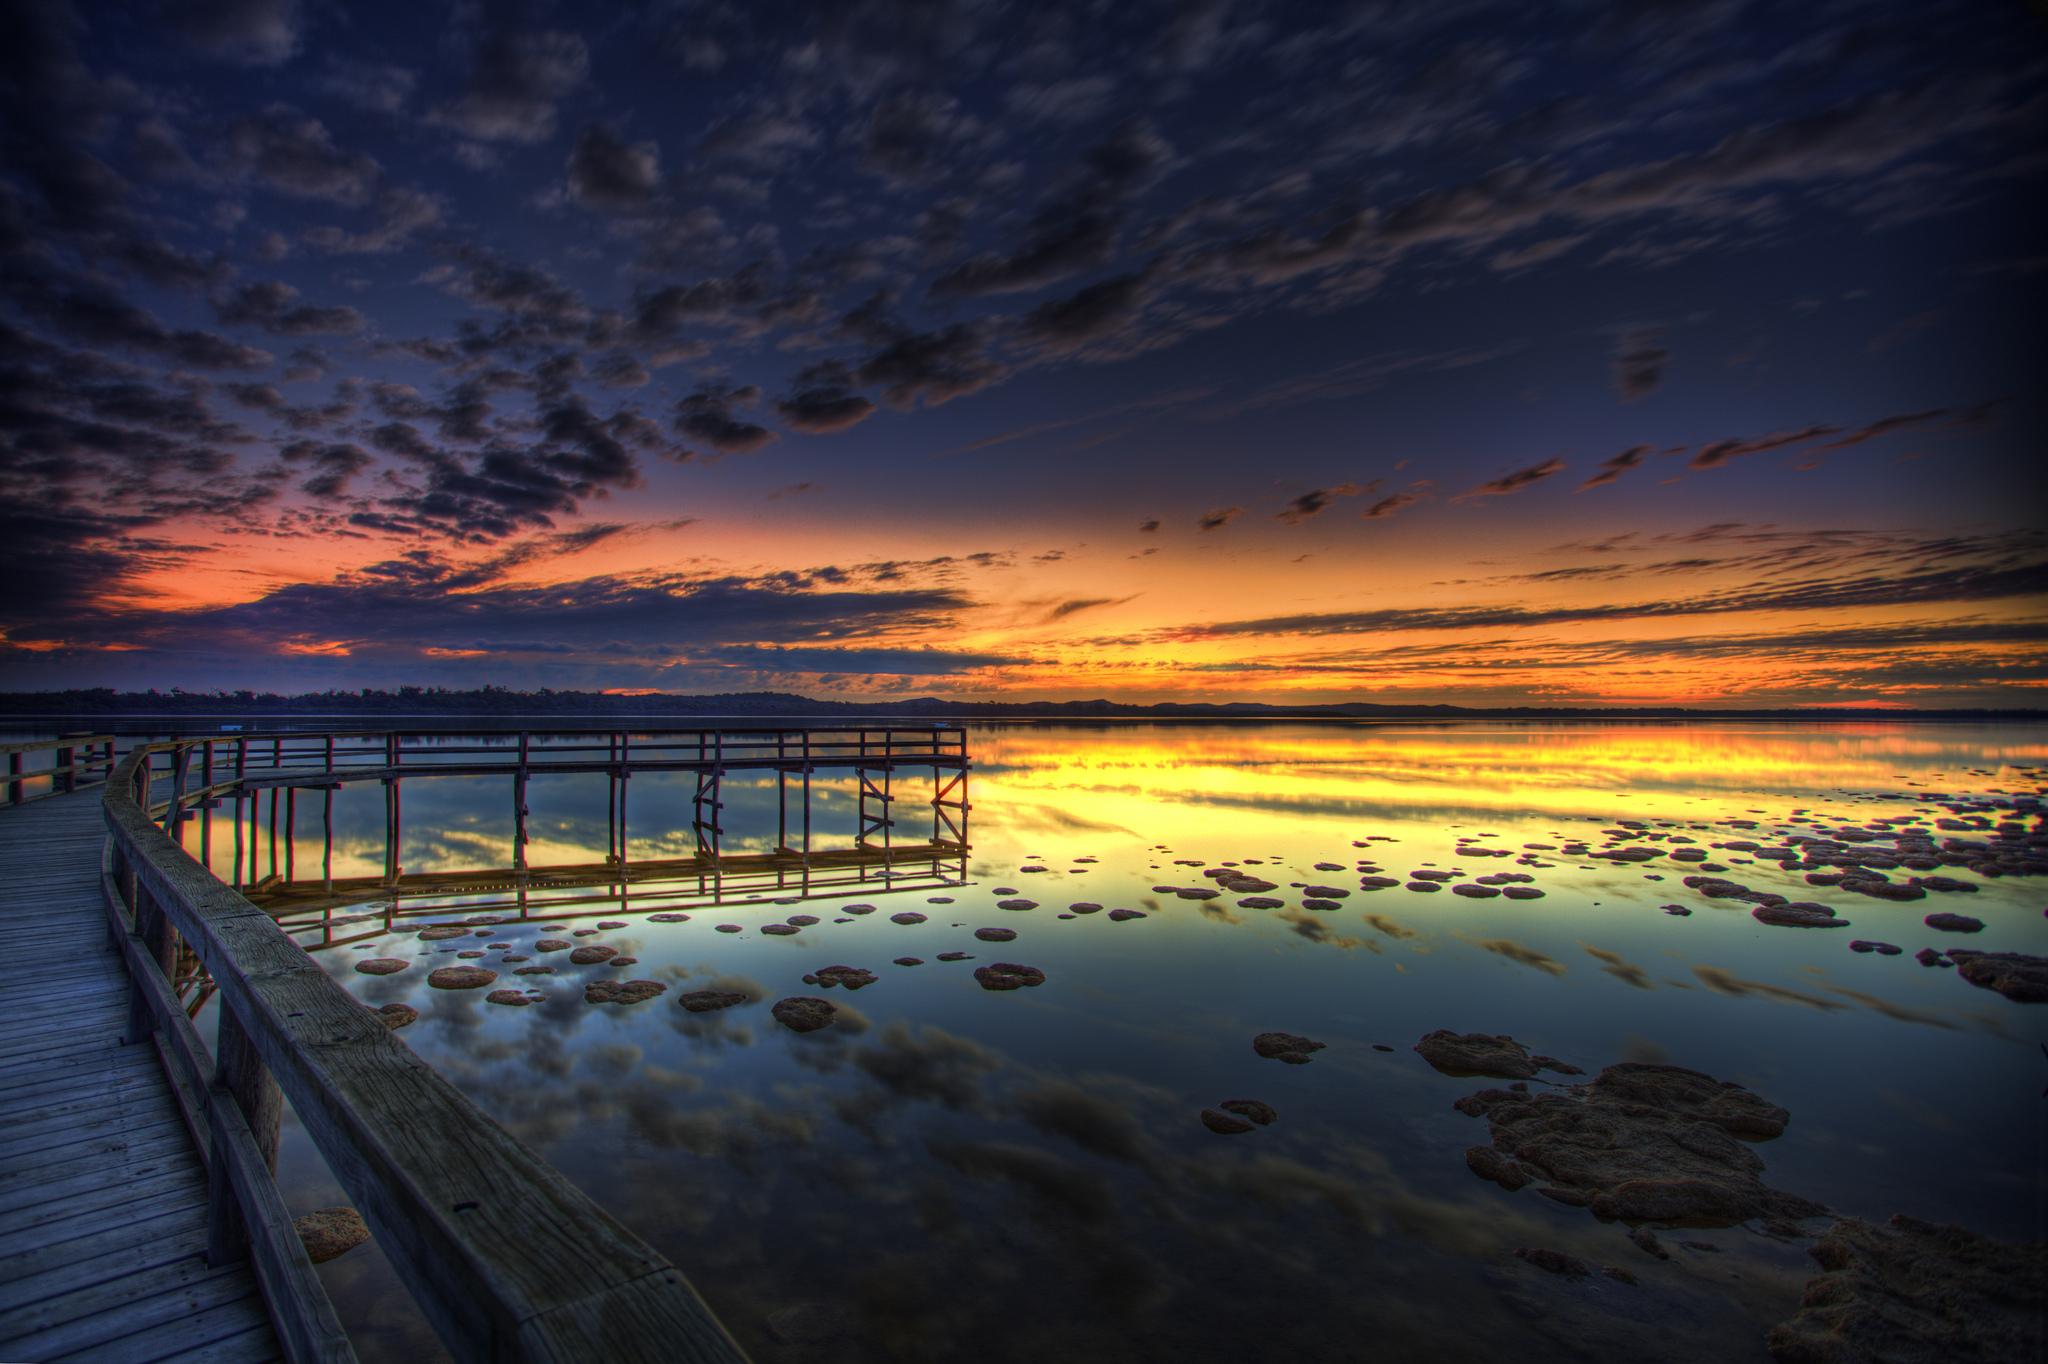 Шикарный закат с причалом бесплатно